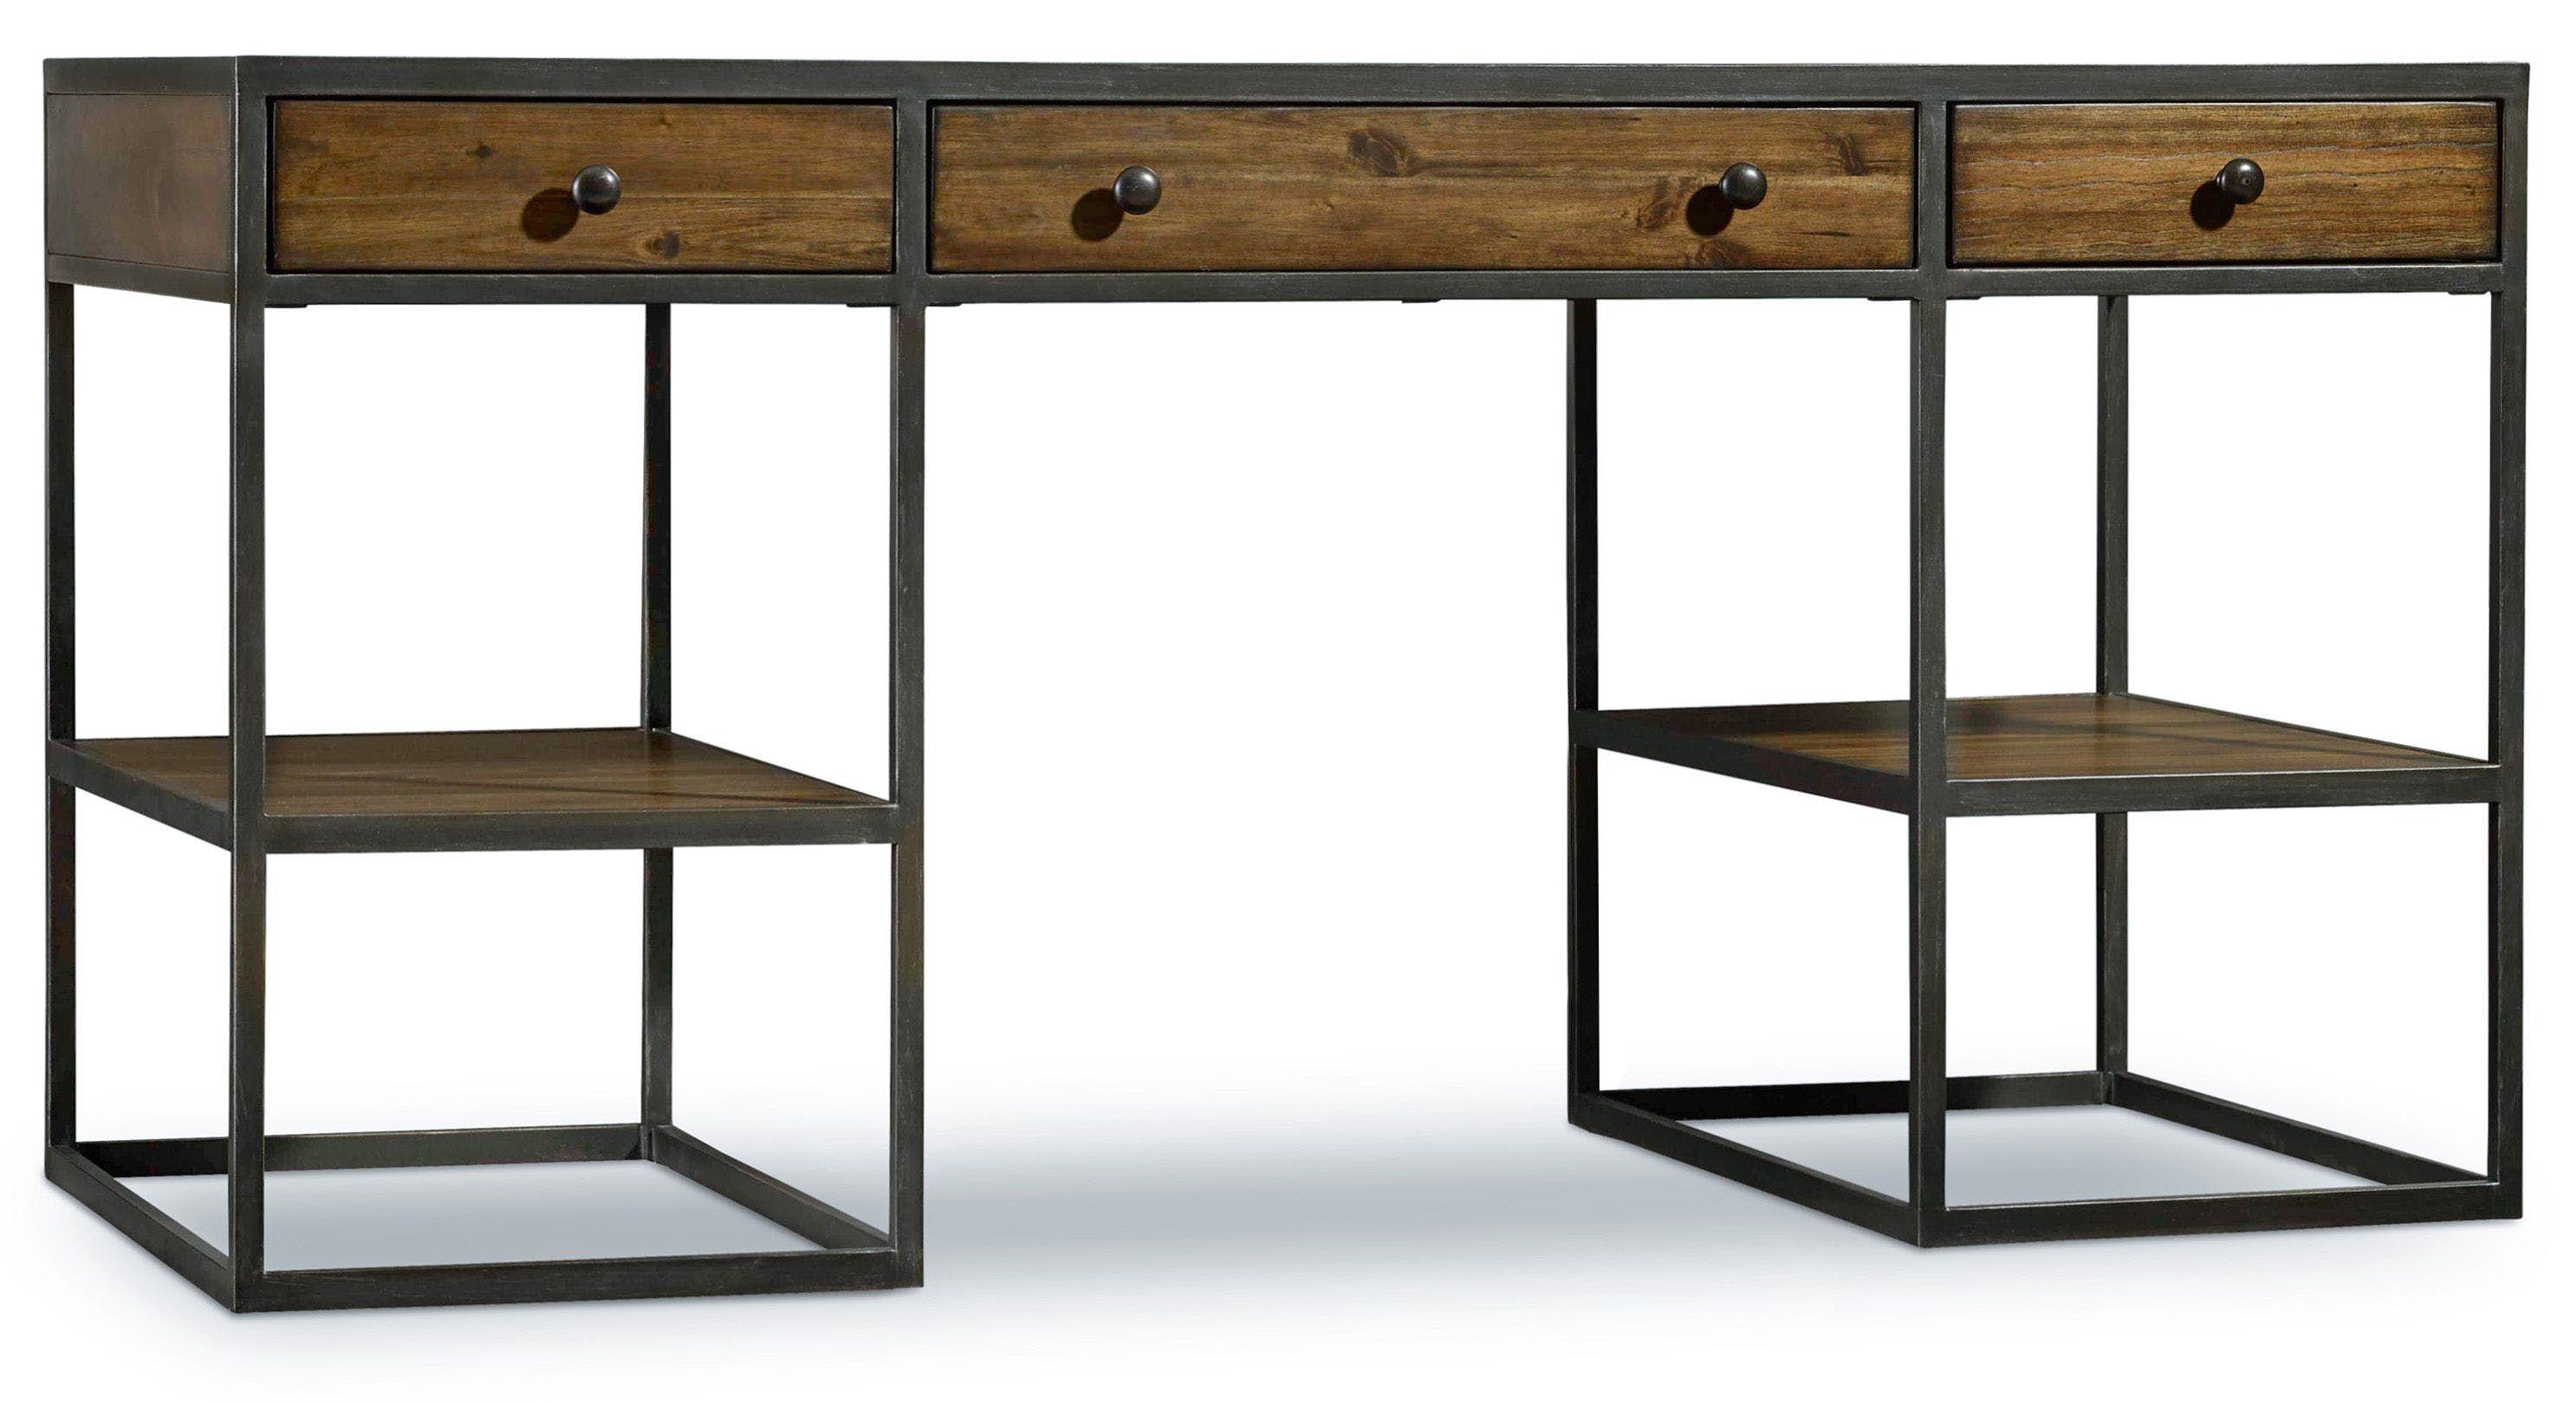 Hooker furniture chadwick writing desk 5434 10458